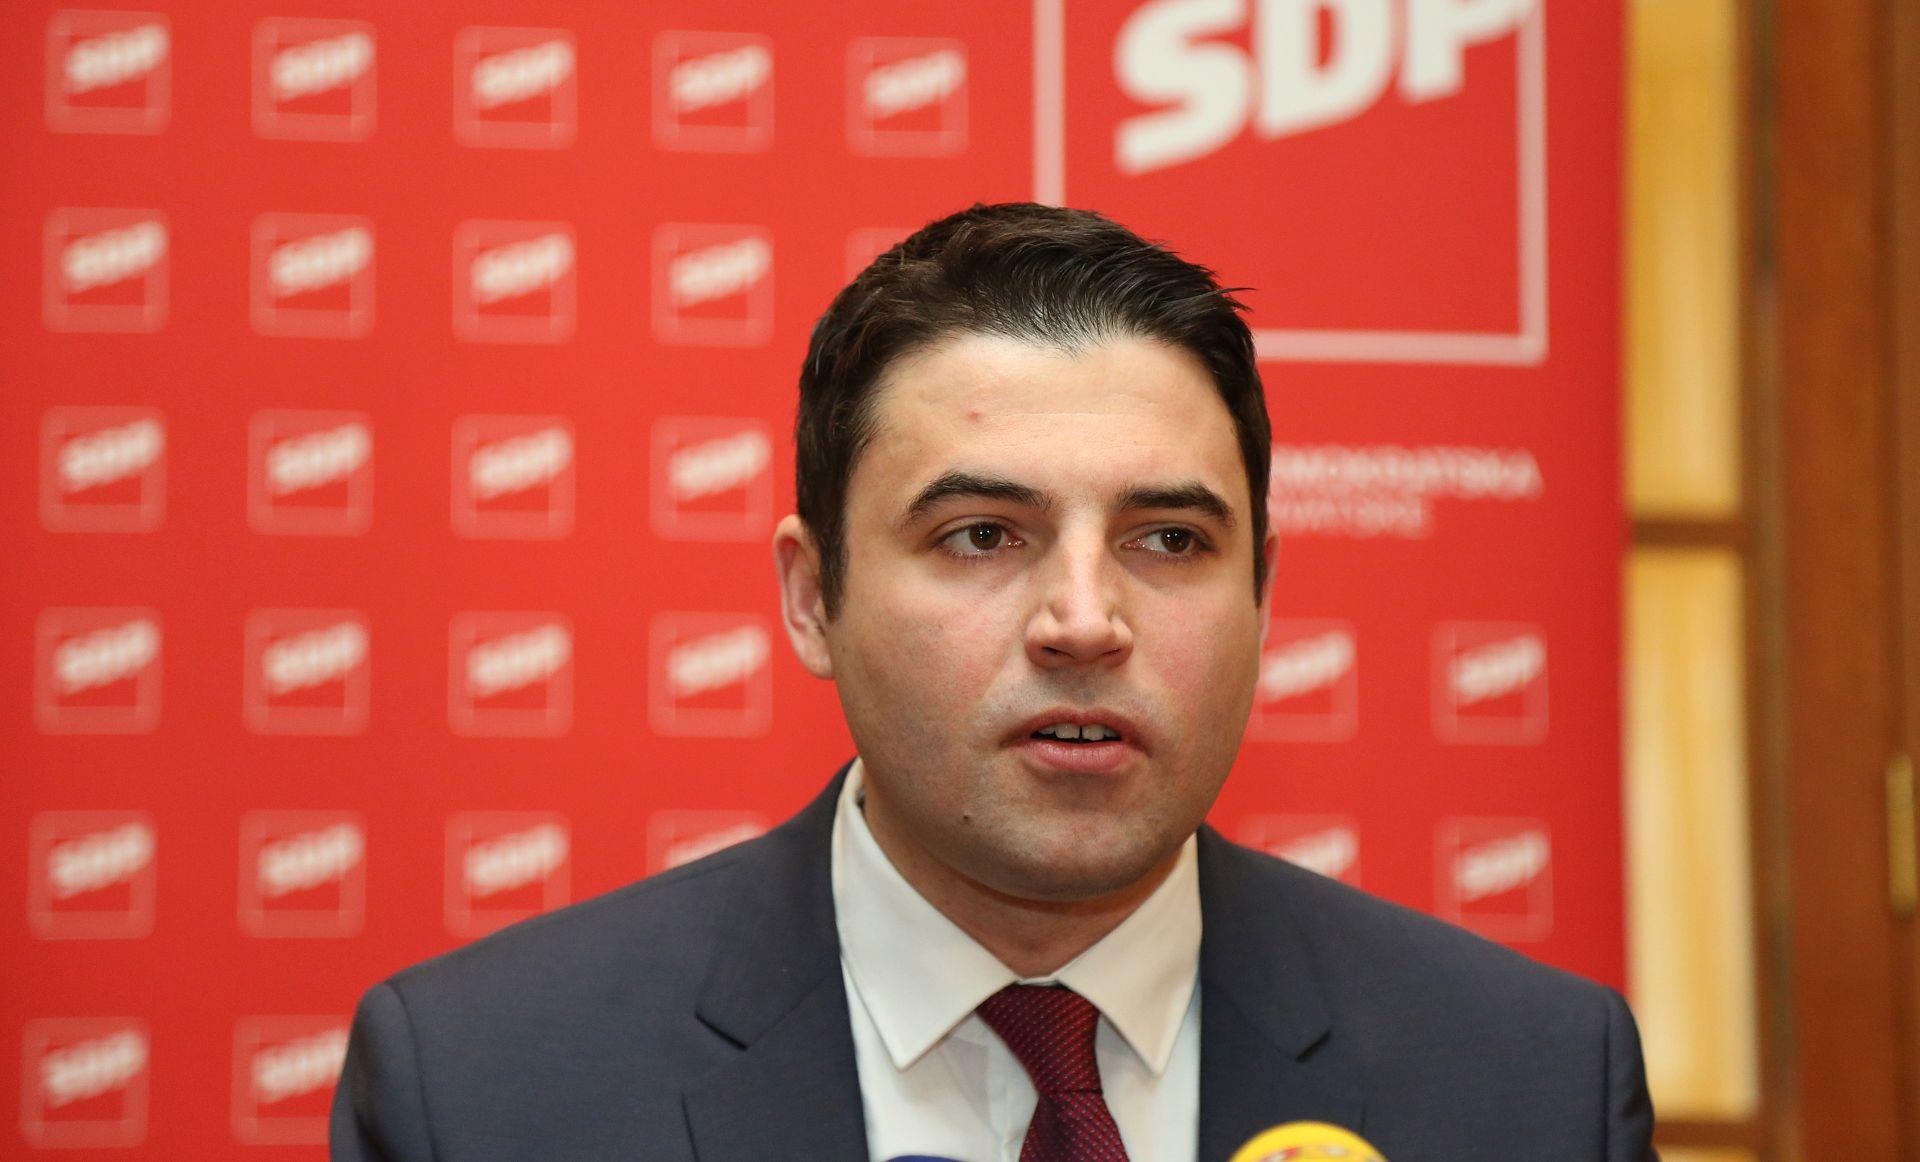 BERNARDIĆ 'U SDP-u sam prvi među jednakima'